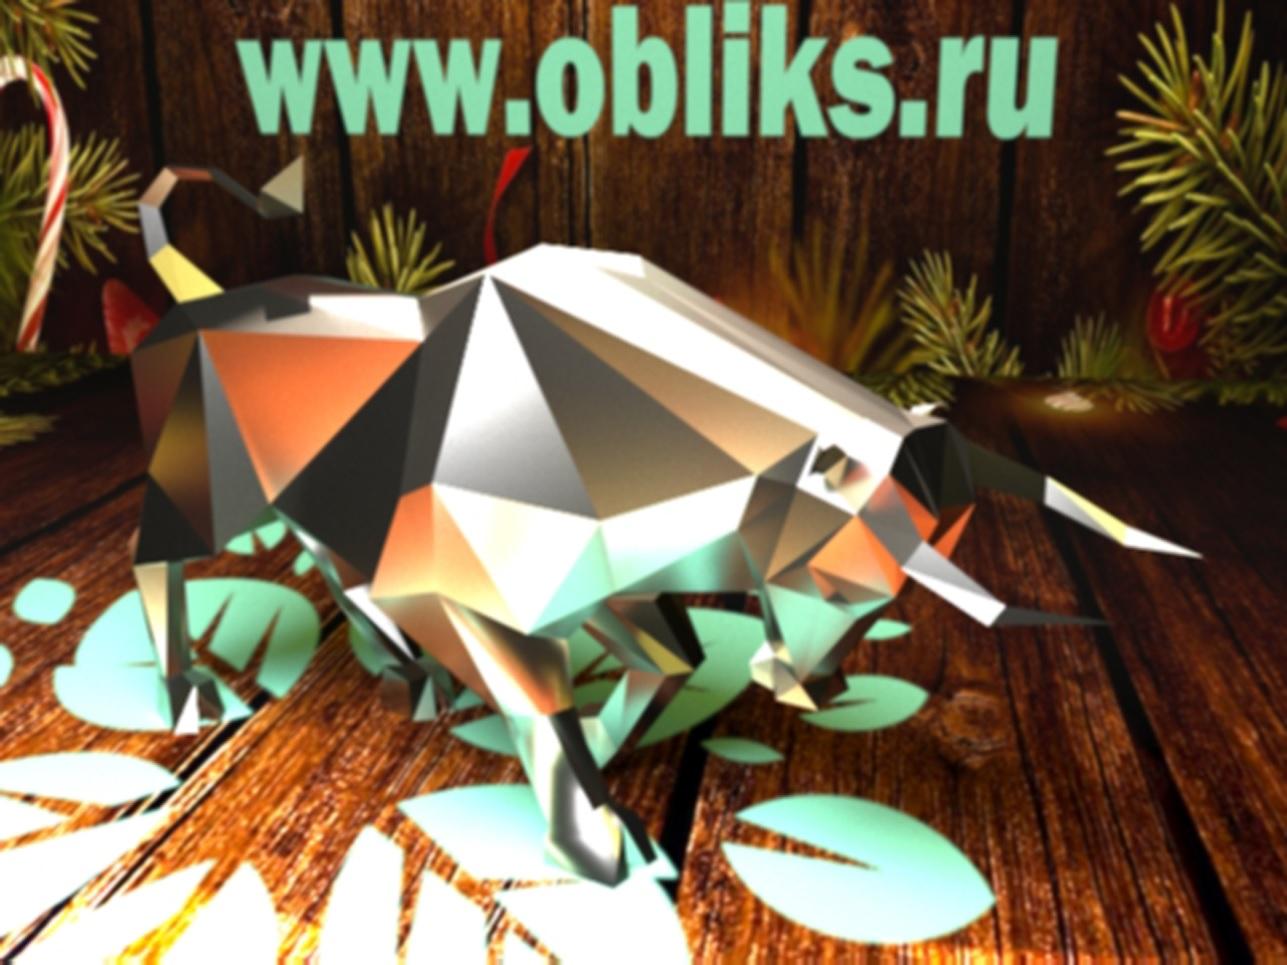 Полигональный бык, новогодний бык